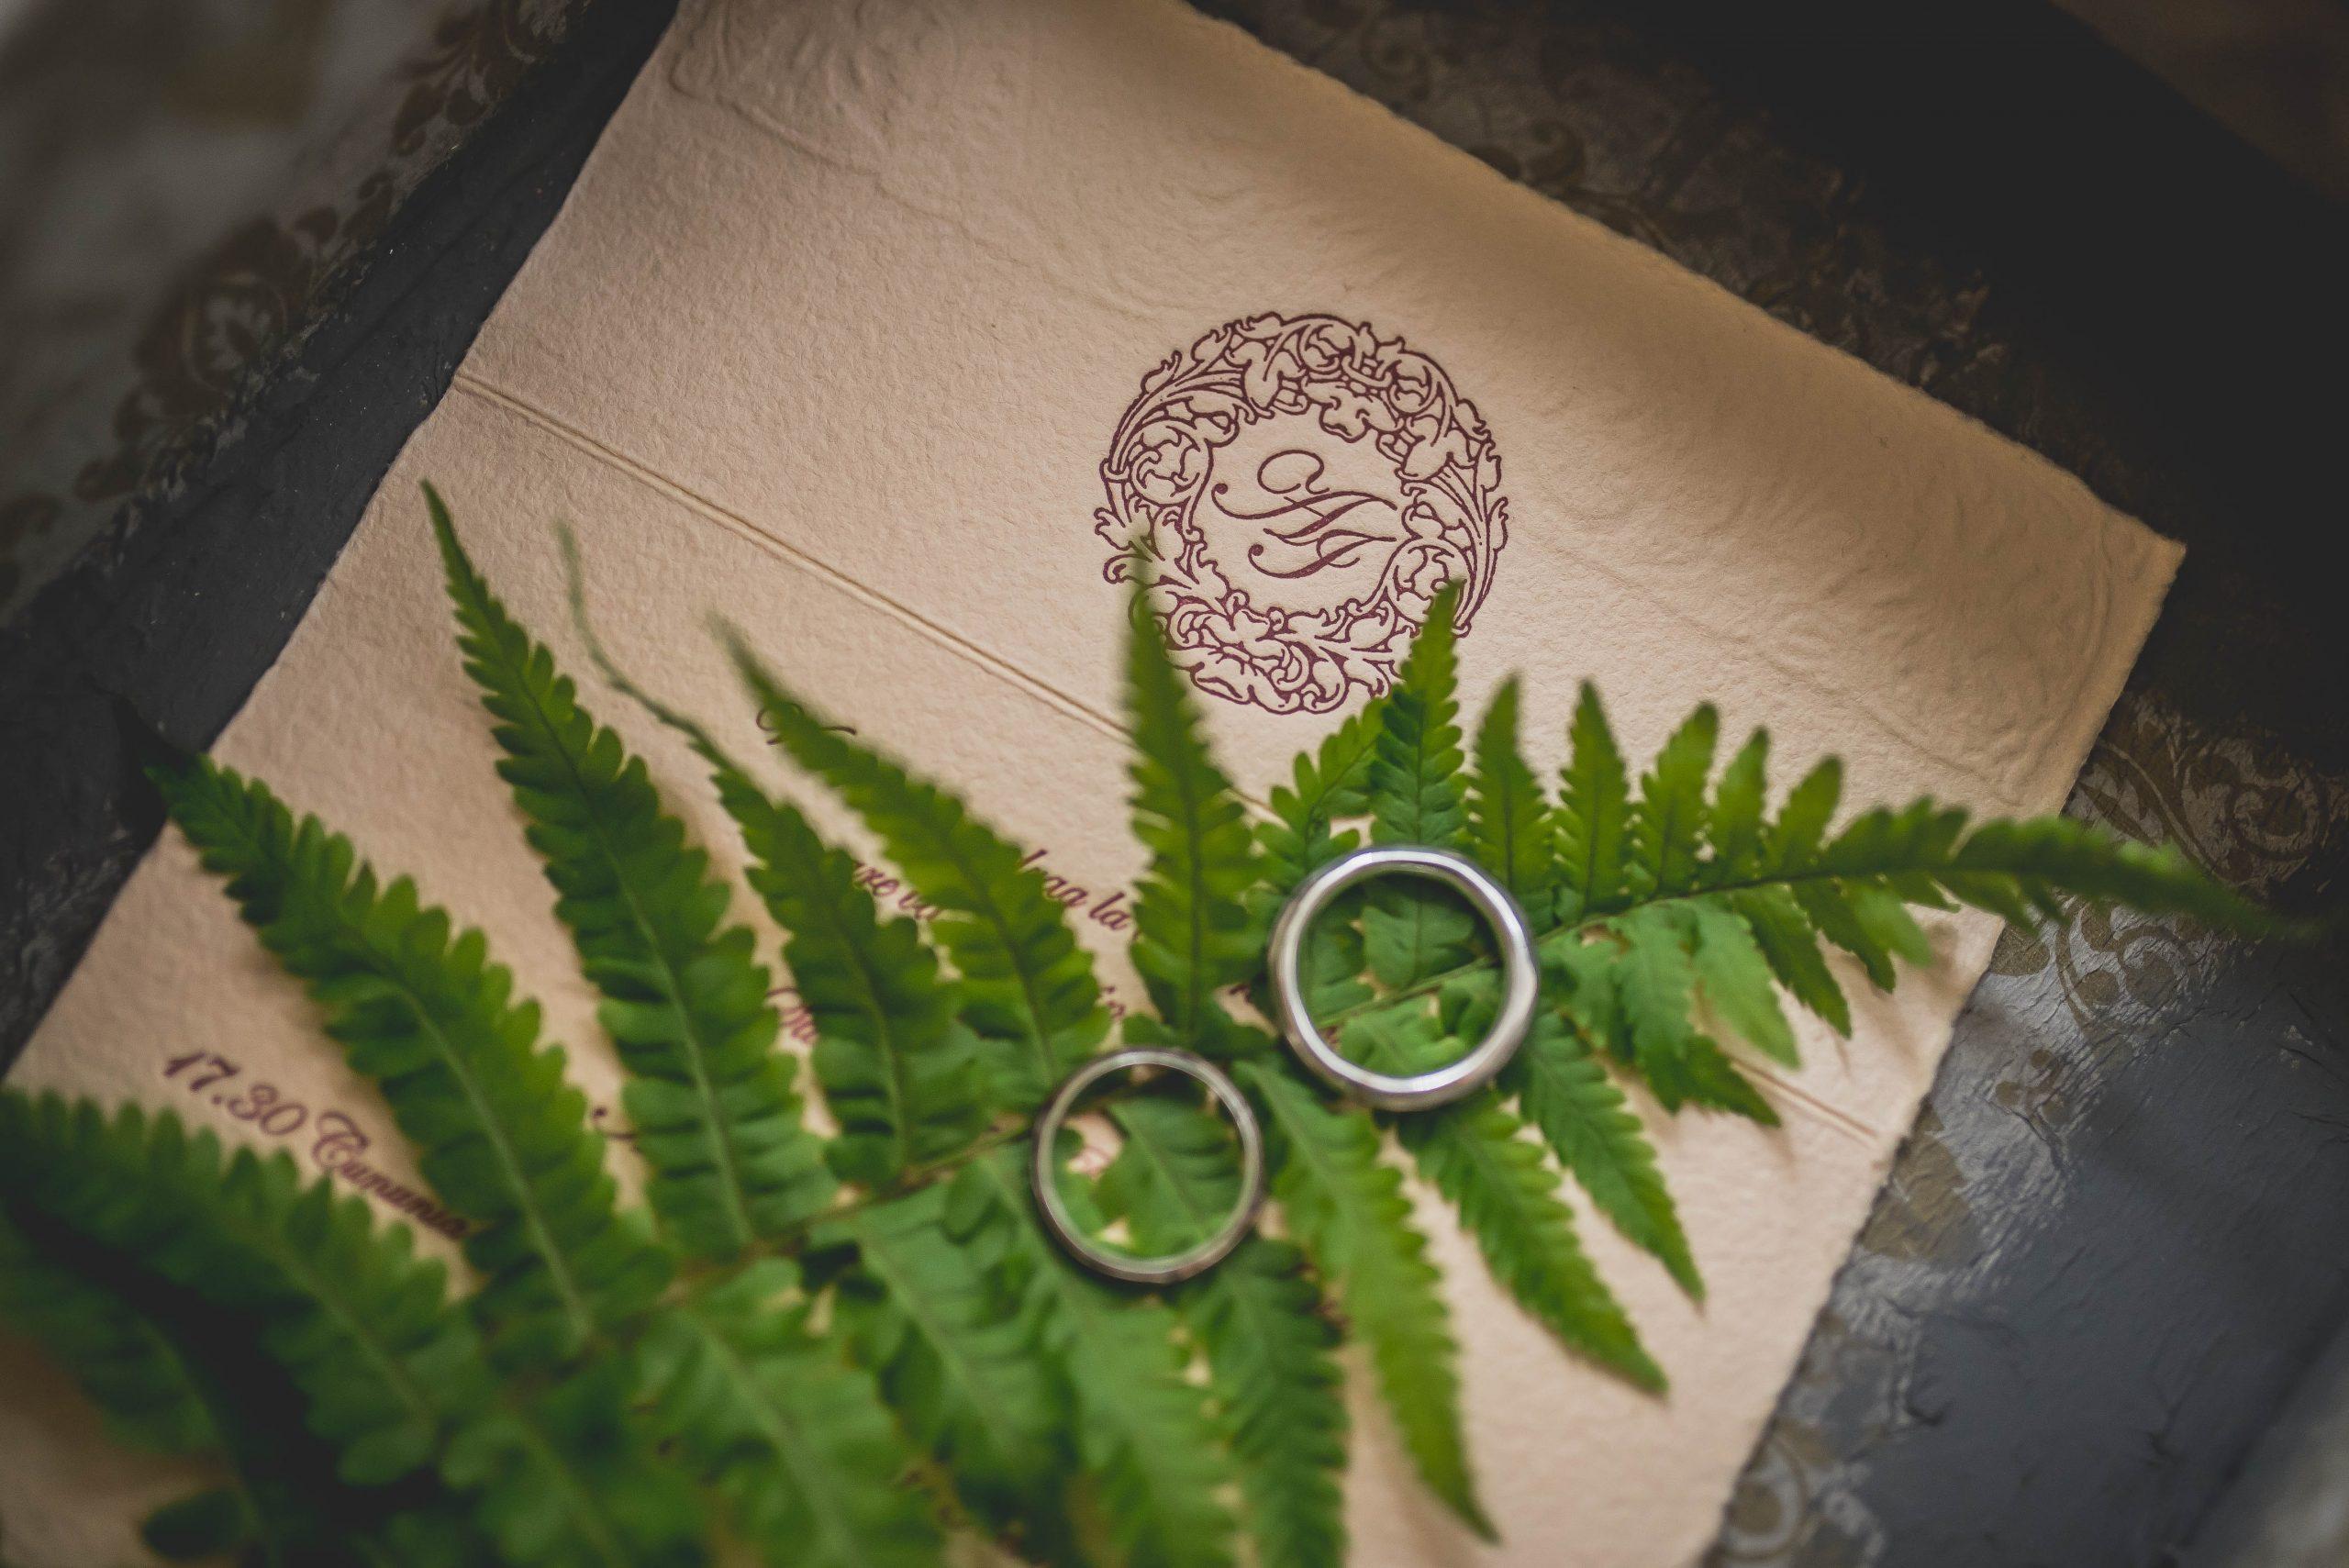 Zaproszenia ślubne – przygotowywać je samemu, kupić szablon, czy dać przygotować specjalistom od podstaw?